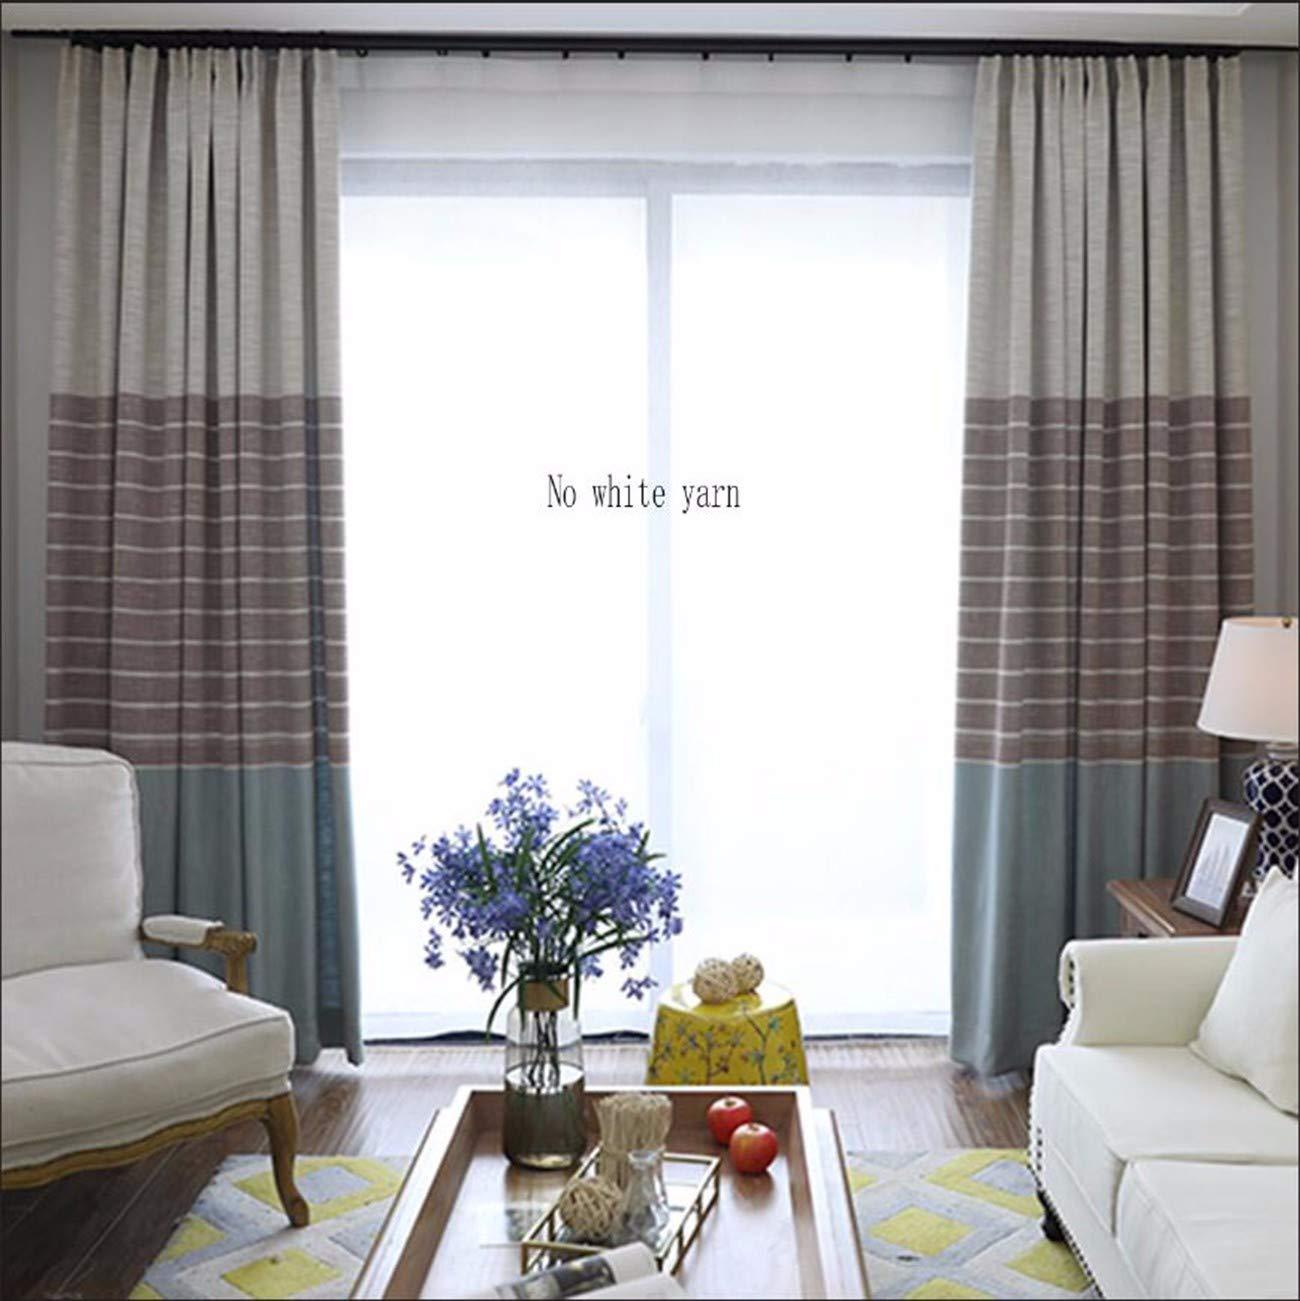 XPY-Curtain Gardine Vorhänge Gardinen Einfache Moderne Baumwolle und Leinen beendet hohen Verdunkelungsstil Wohnzimmer Schlafzimmer Balkon Nordic Isolierung Sonnenschutz Vorhang, 150